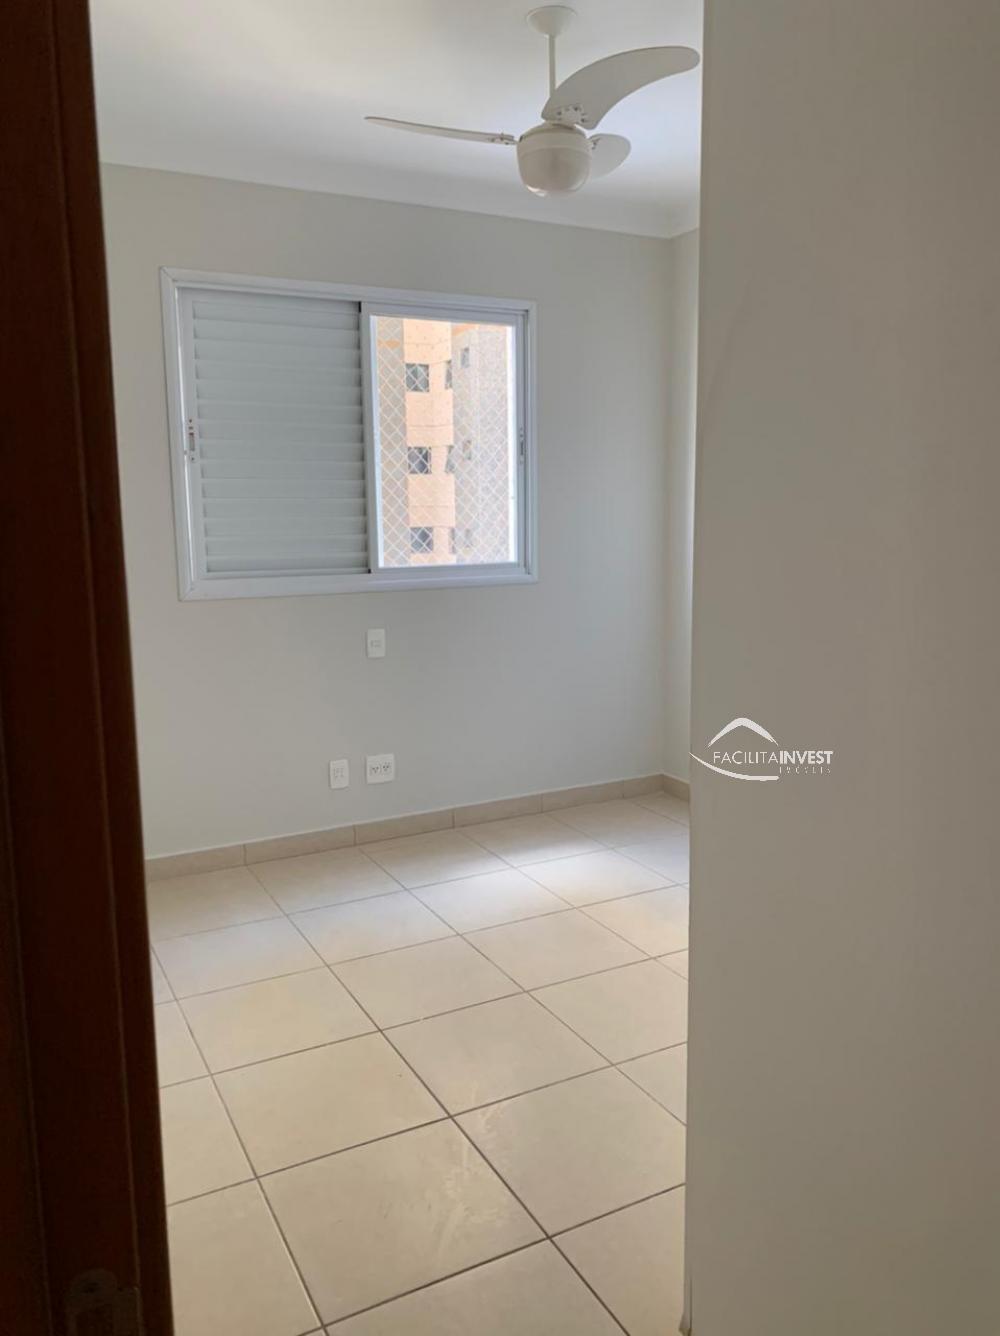 Alugar Apartamentos / Apart. Padrão em Ribeirão Preto R$ 2.800,00 - Foto 15